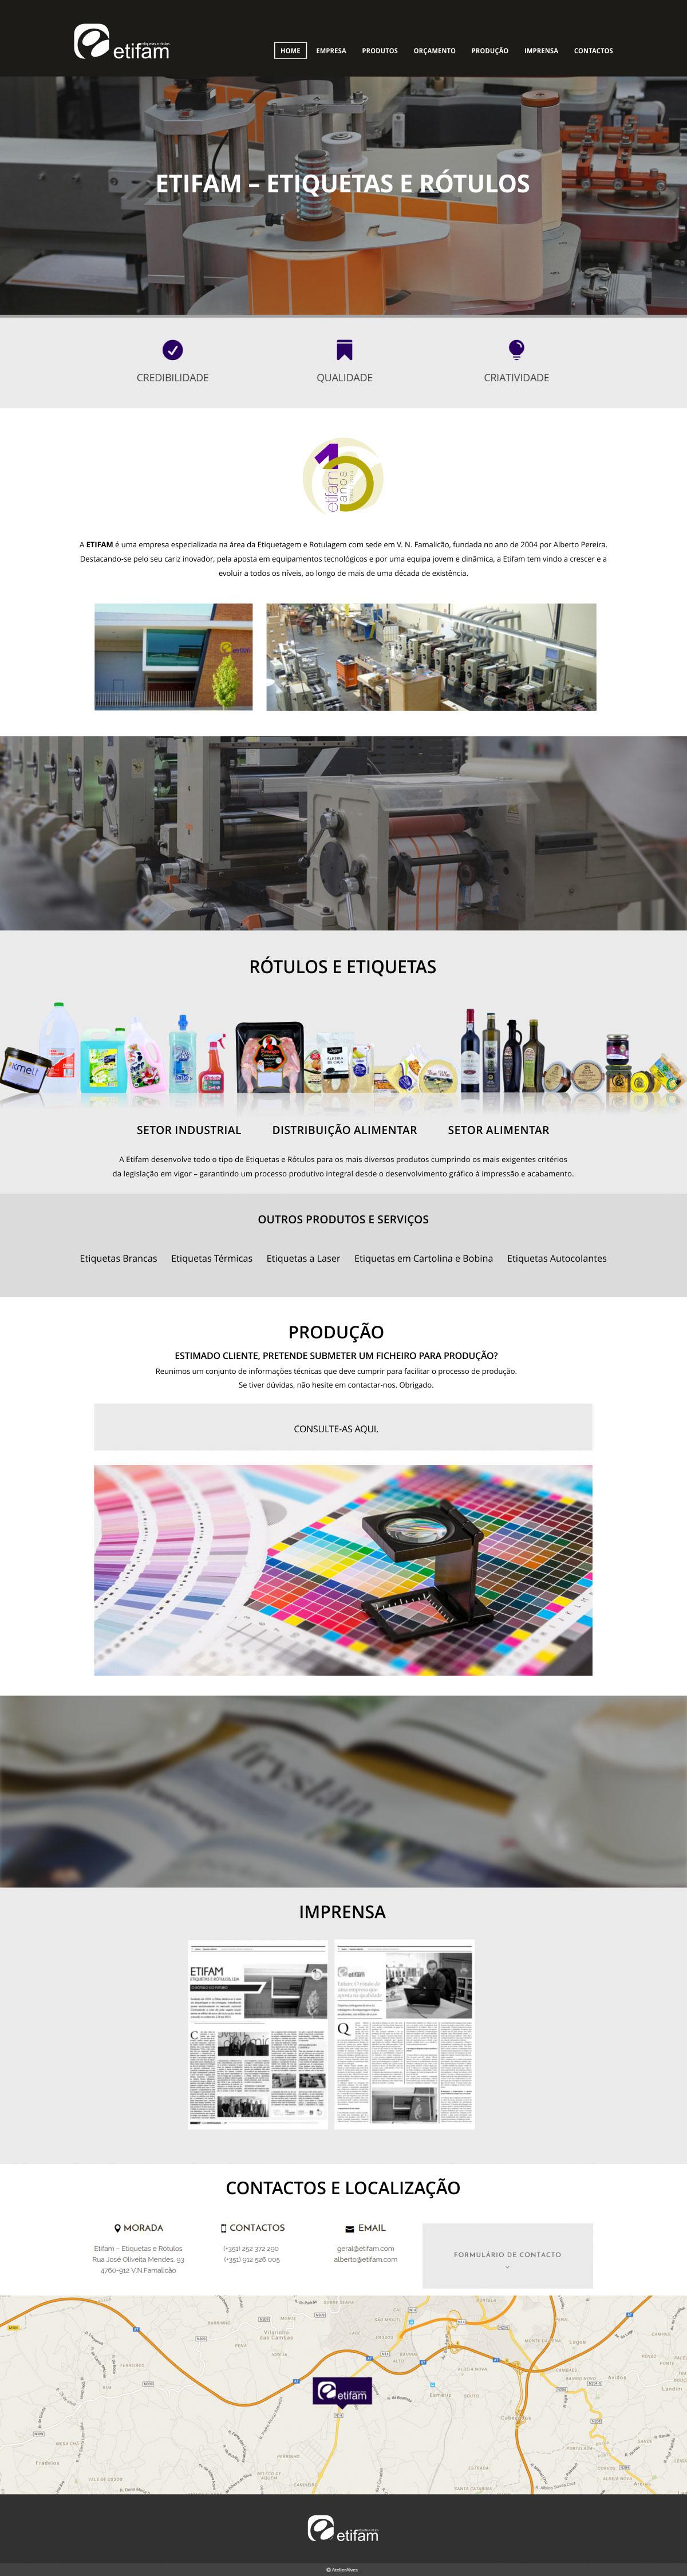 atelier_alves_ricardo_etifam_screen